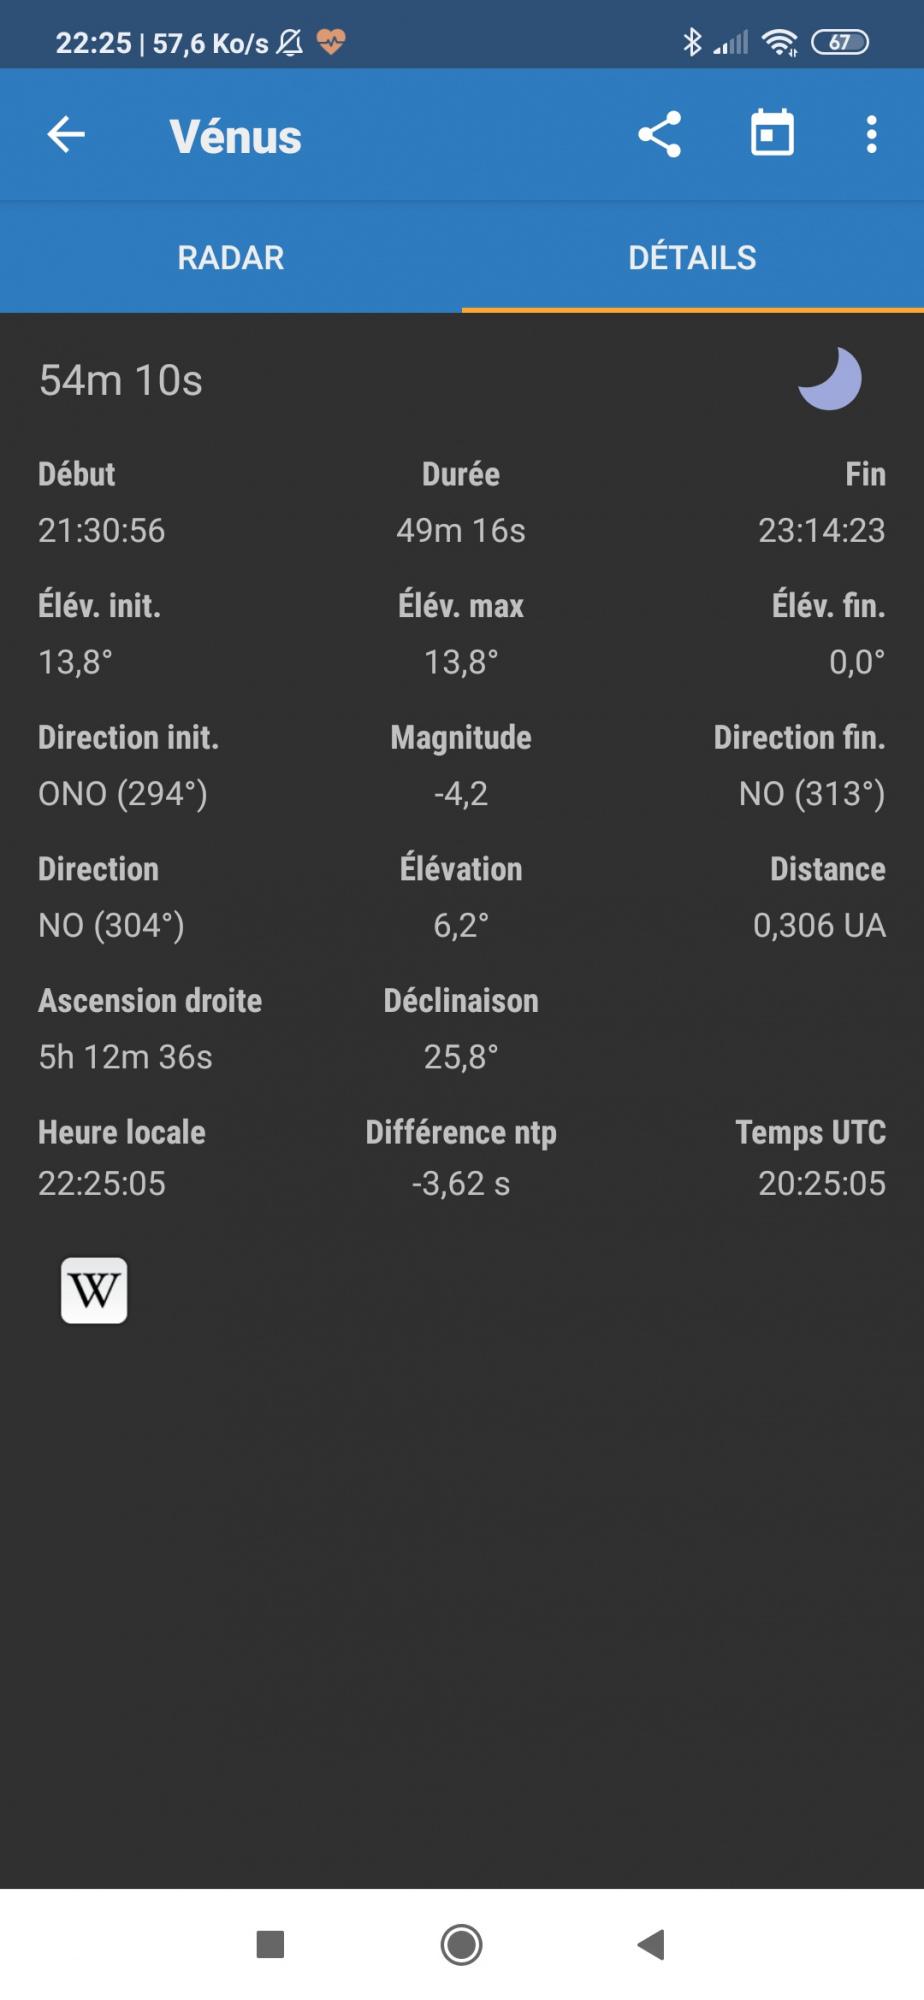 Screenshot_2020-05-23-22-25-10-826_com.runar.issdetector.thumb.jpg.0b2d34deb9e3ff8aebe6bd5e0ae13071.jpg